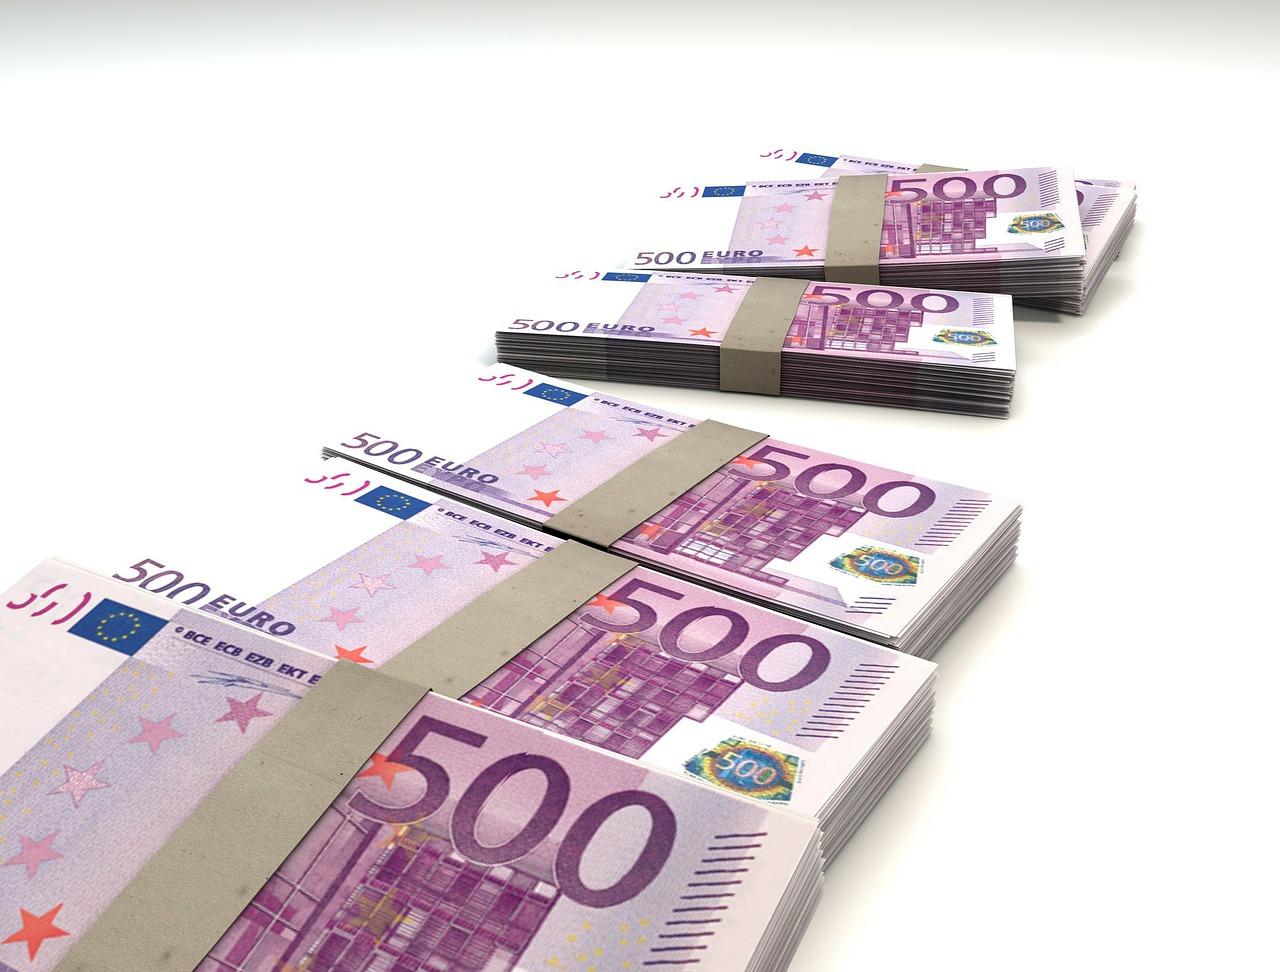 Dvojac u Zagrebu razmjenjivao krivotvorene eure